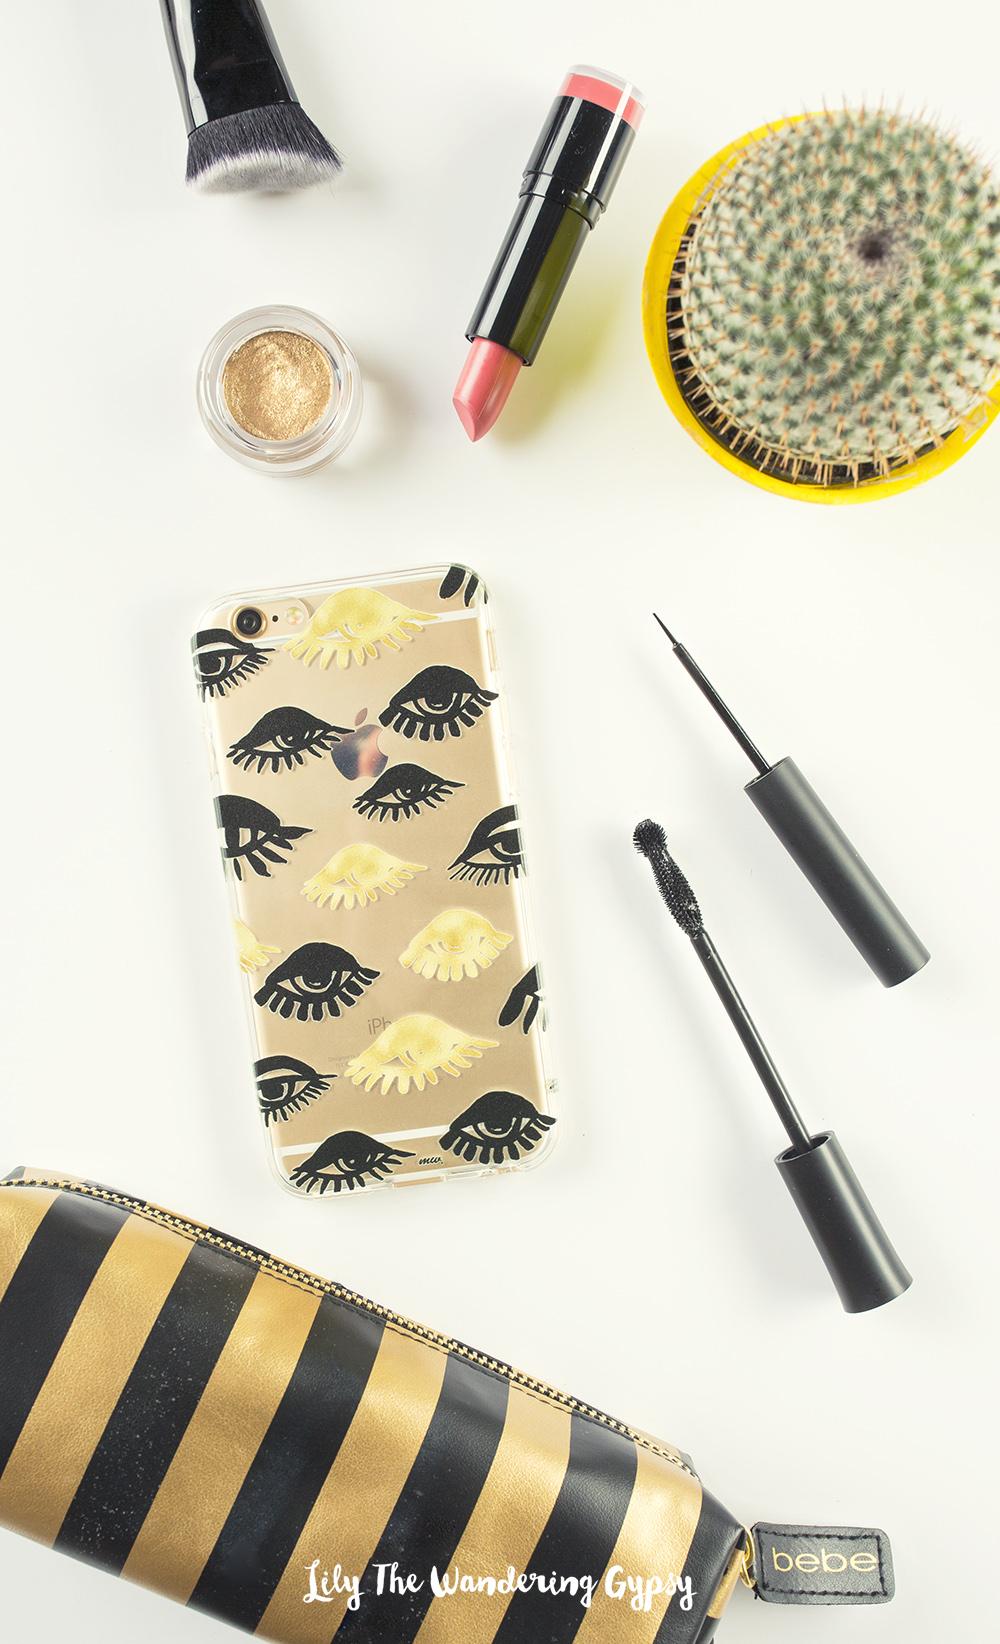 Cute Phone Case + Accessories!